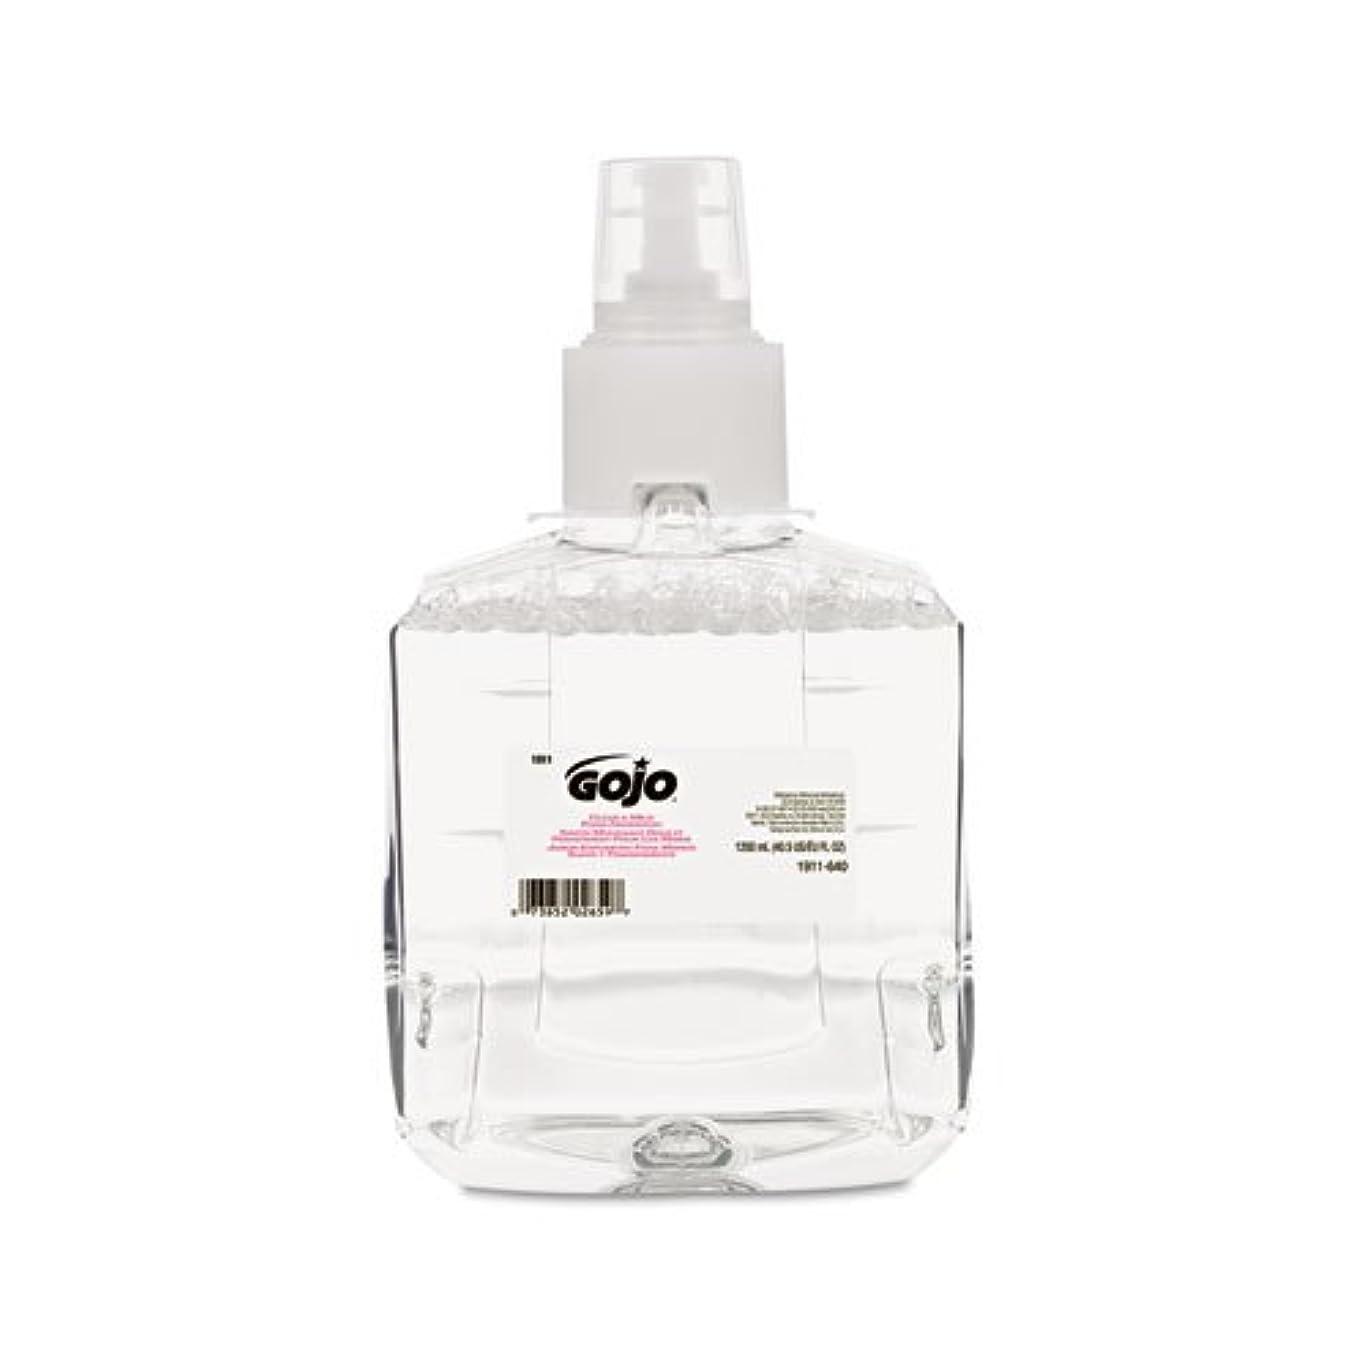 避難する露出度の高い薄いGOJO - Clear & Mild Foam Handwash Refill, Fragrance-Free, 1200mL Refill 191102EA (DMi EA